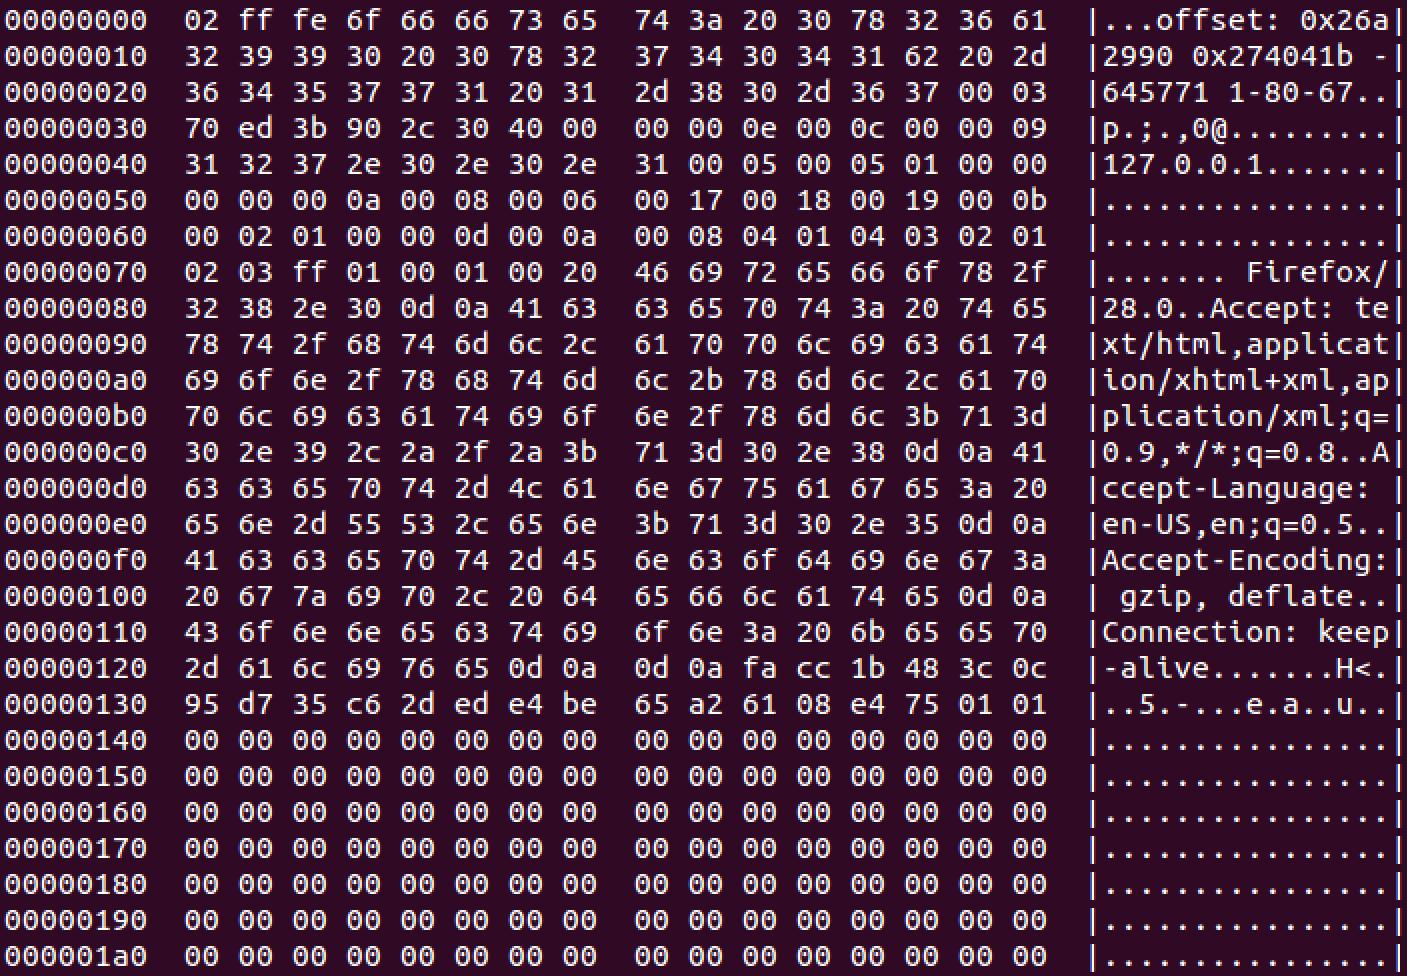 HTTP headers stolen